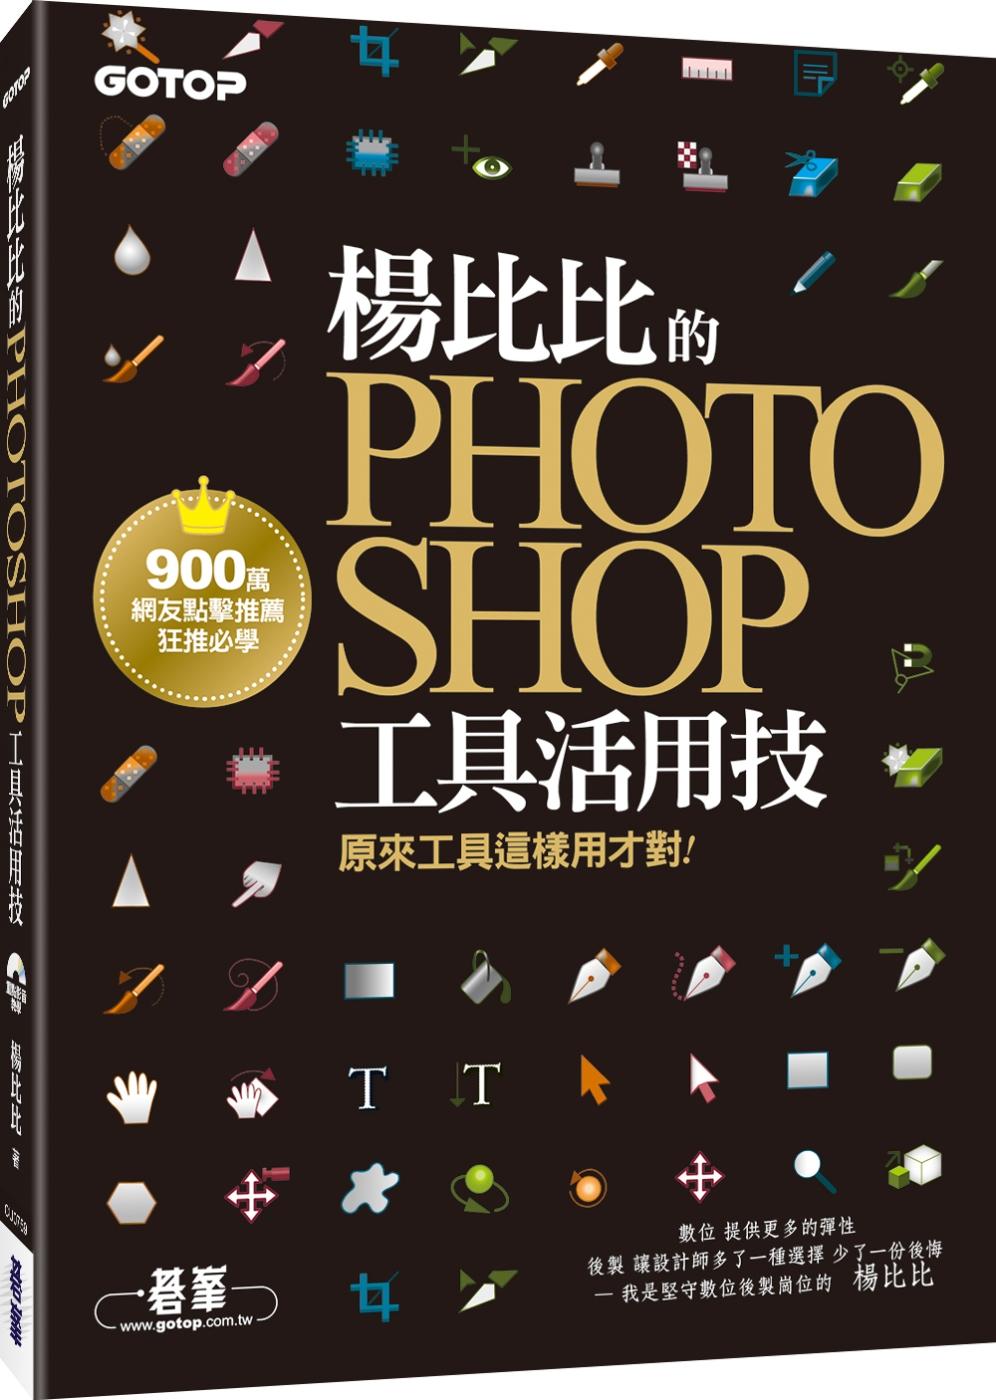 楊比比的Photoshop工具活用技:原來工具這樣用才對 (900萬網友點擊推薦狂推必學 )